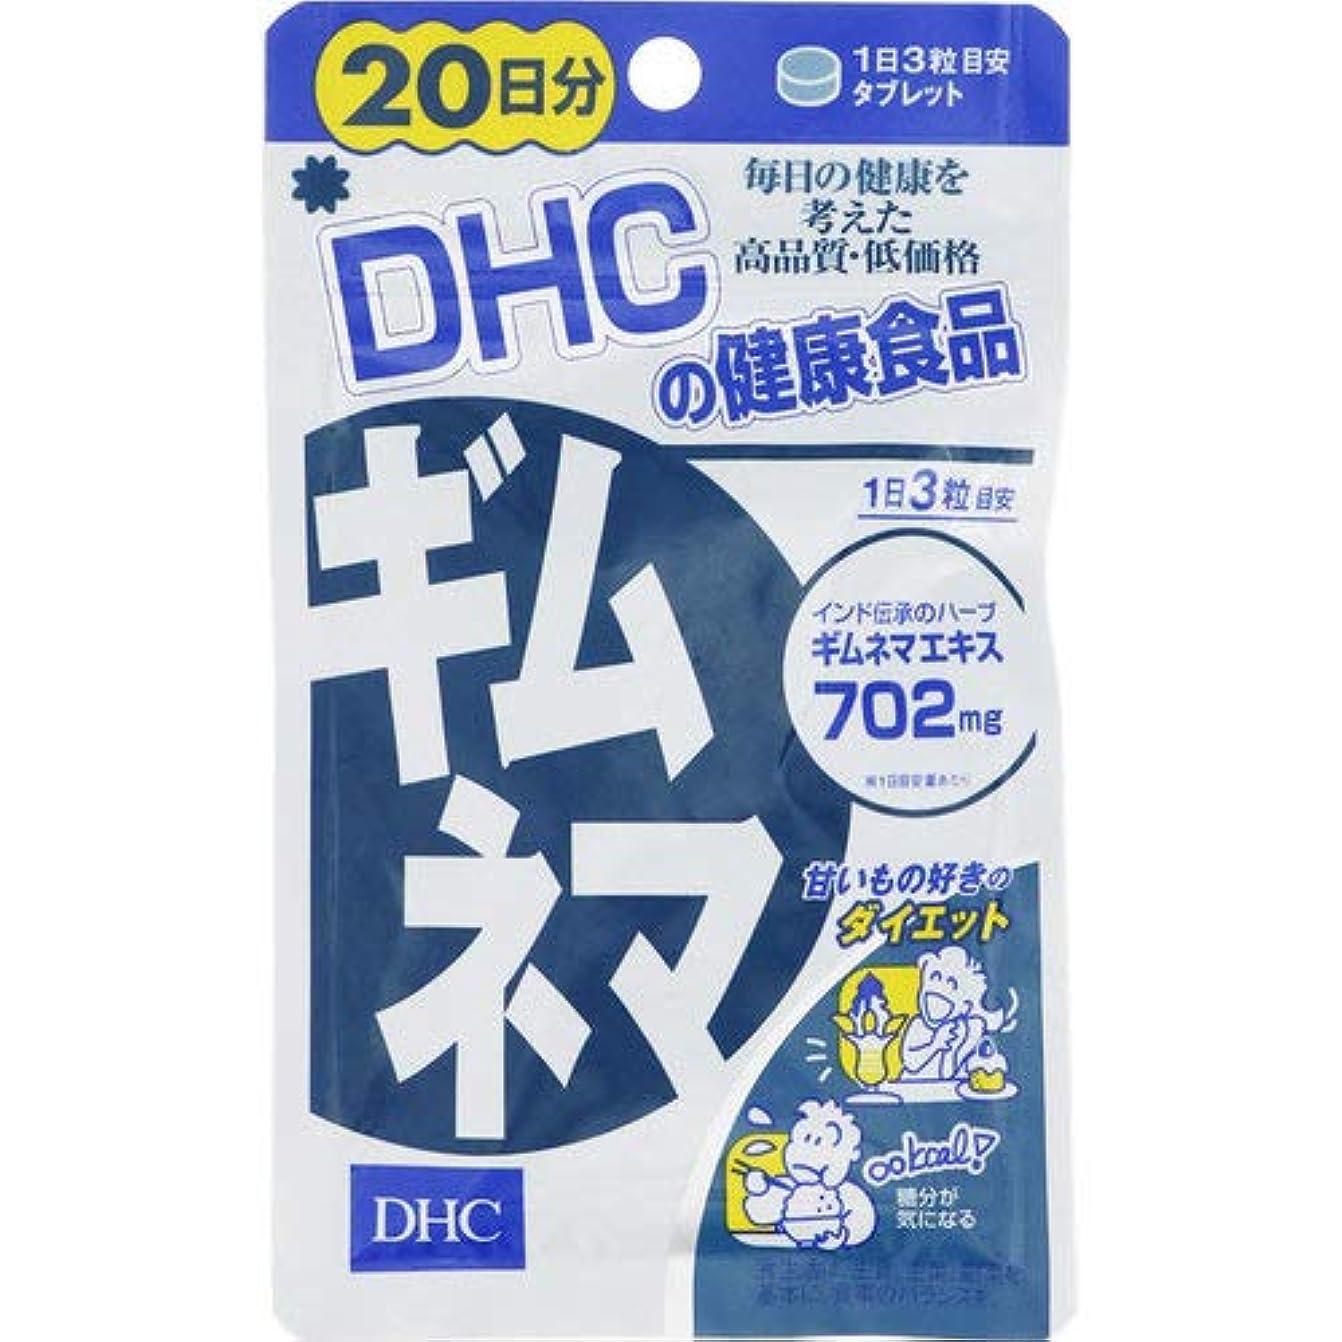 実験開梱ビルマ【DHC】ギムネマ 20日分 (60粒)